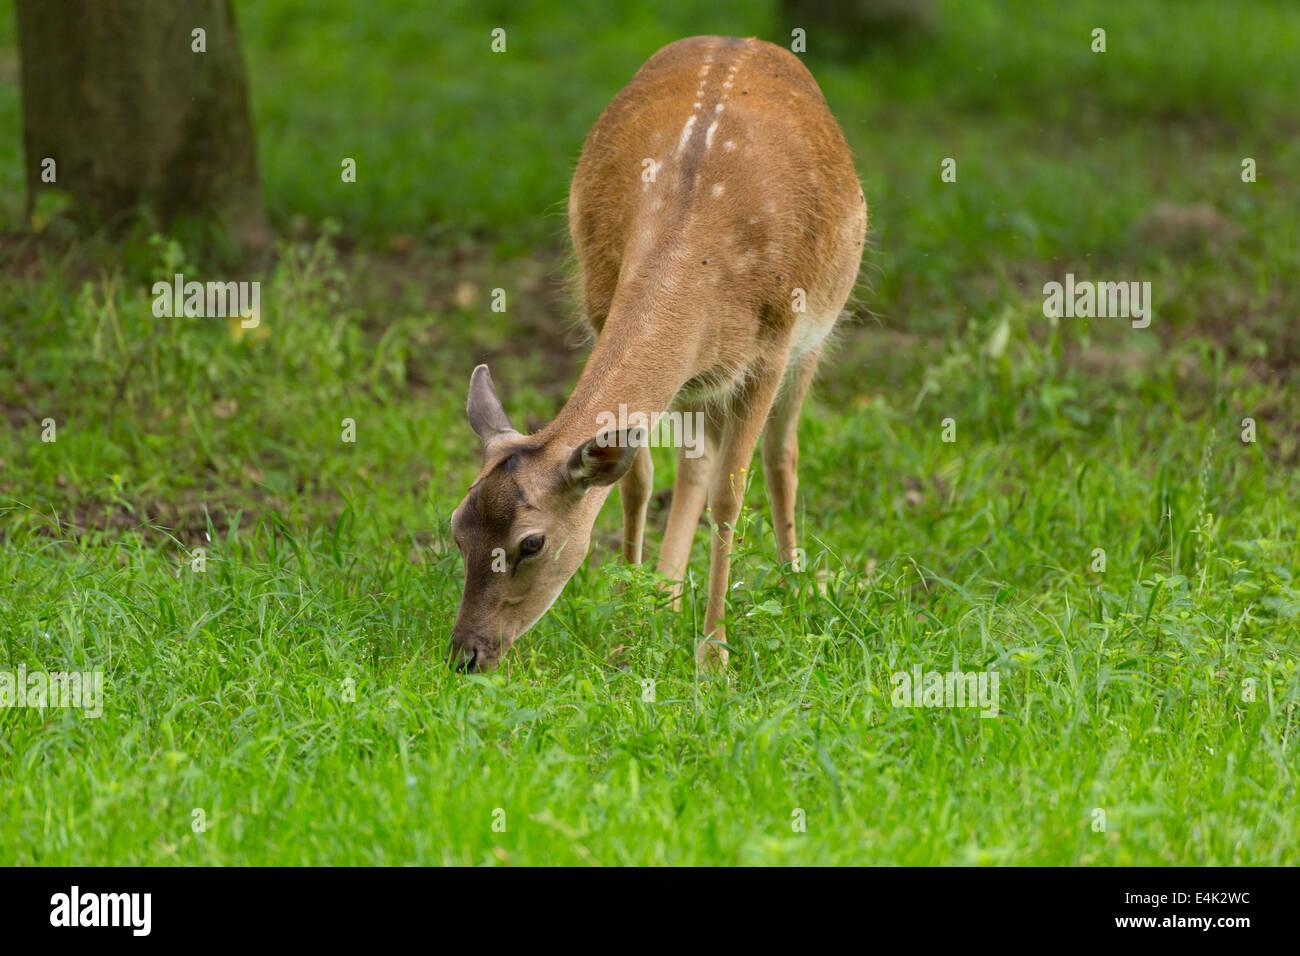 Gamo cuando pastan en prados verdes prados en Forrest en verano Foto de stock